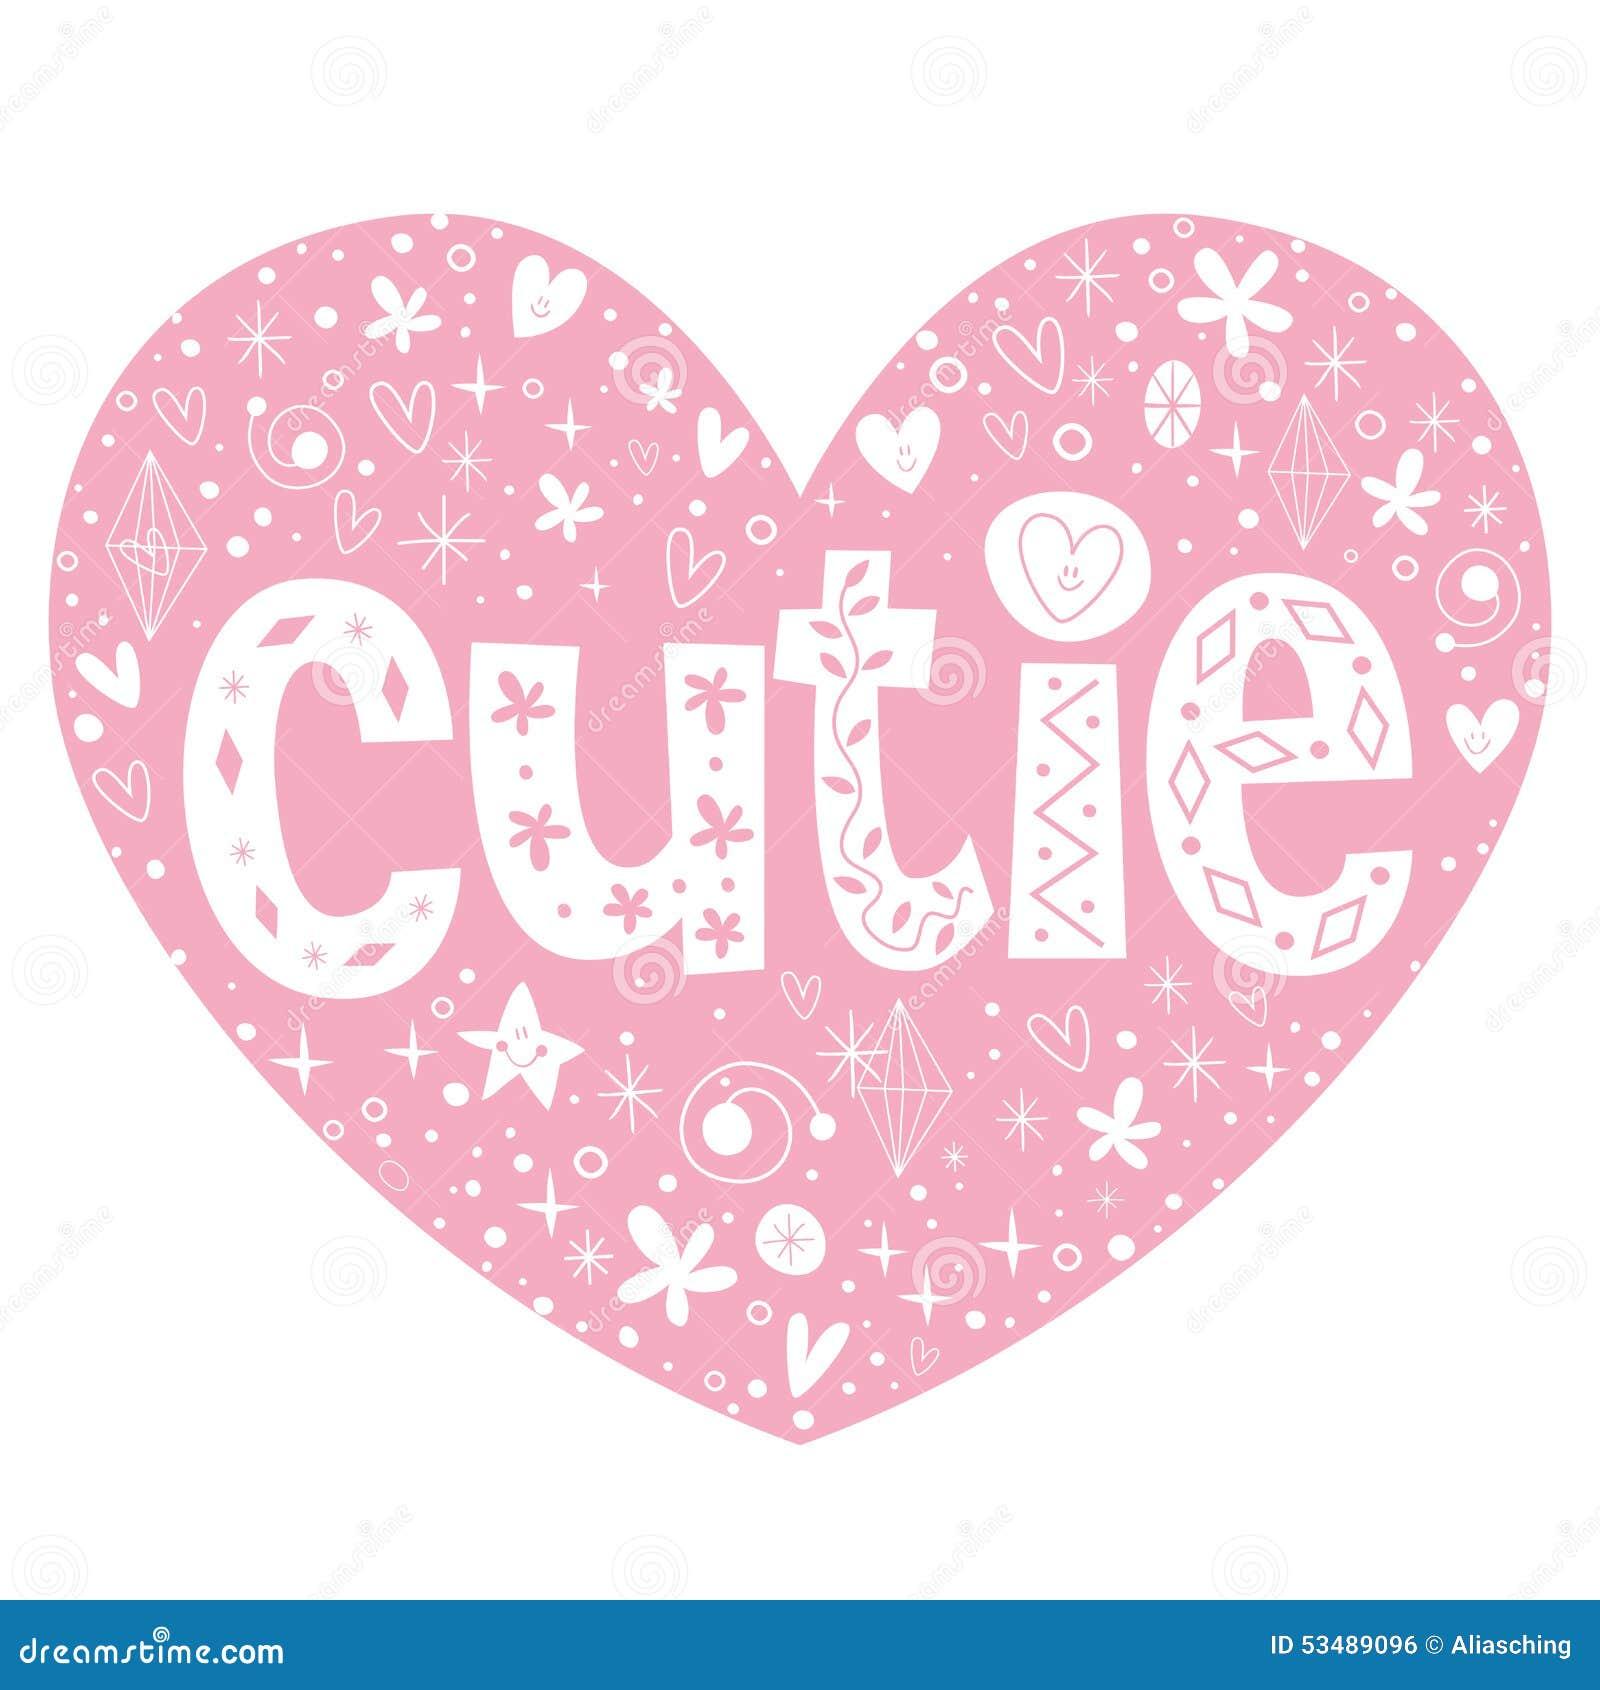 Cutie hart gestalte gegeven het van letters voorzien ontwerp